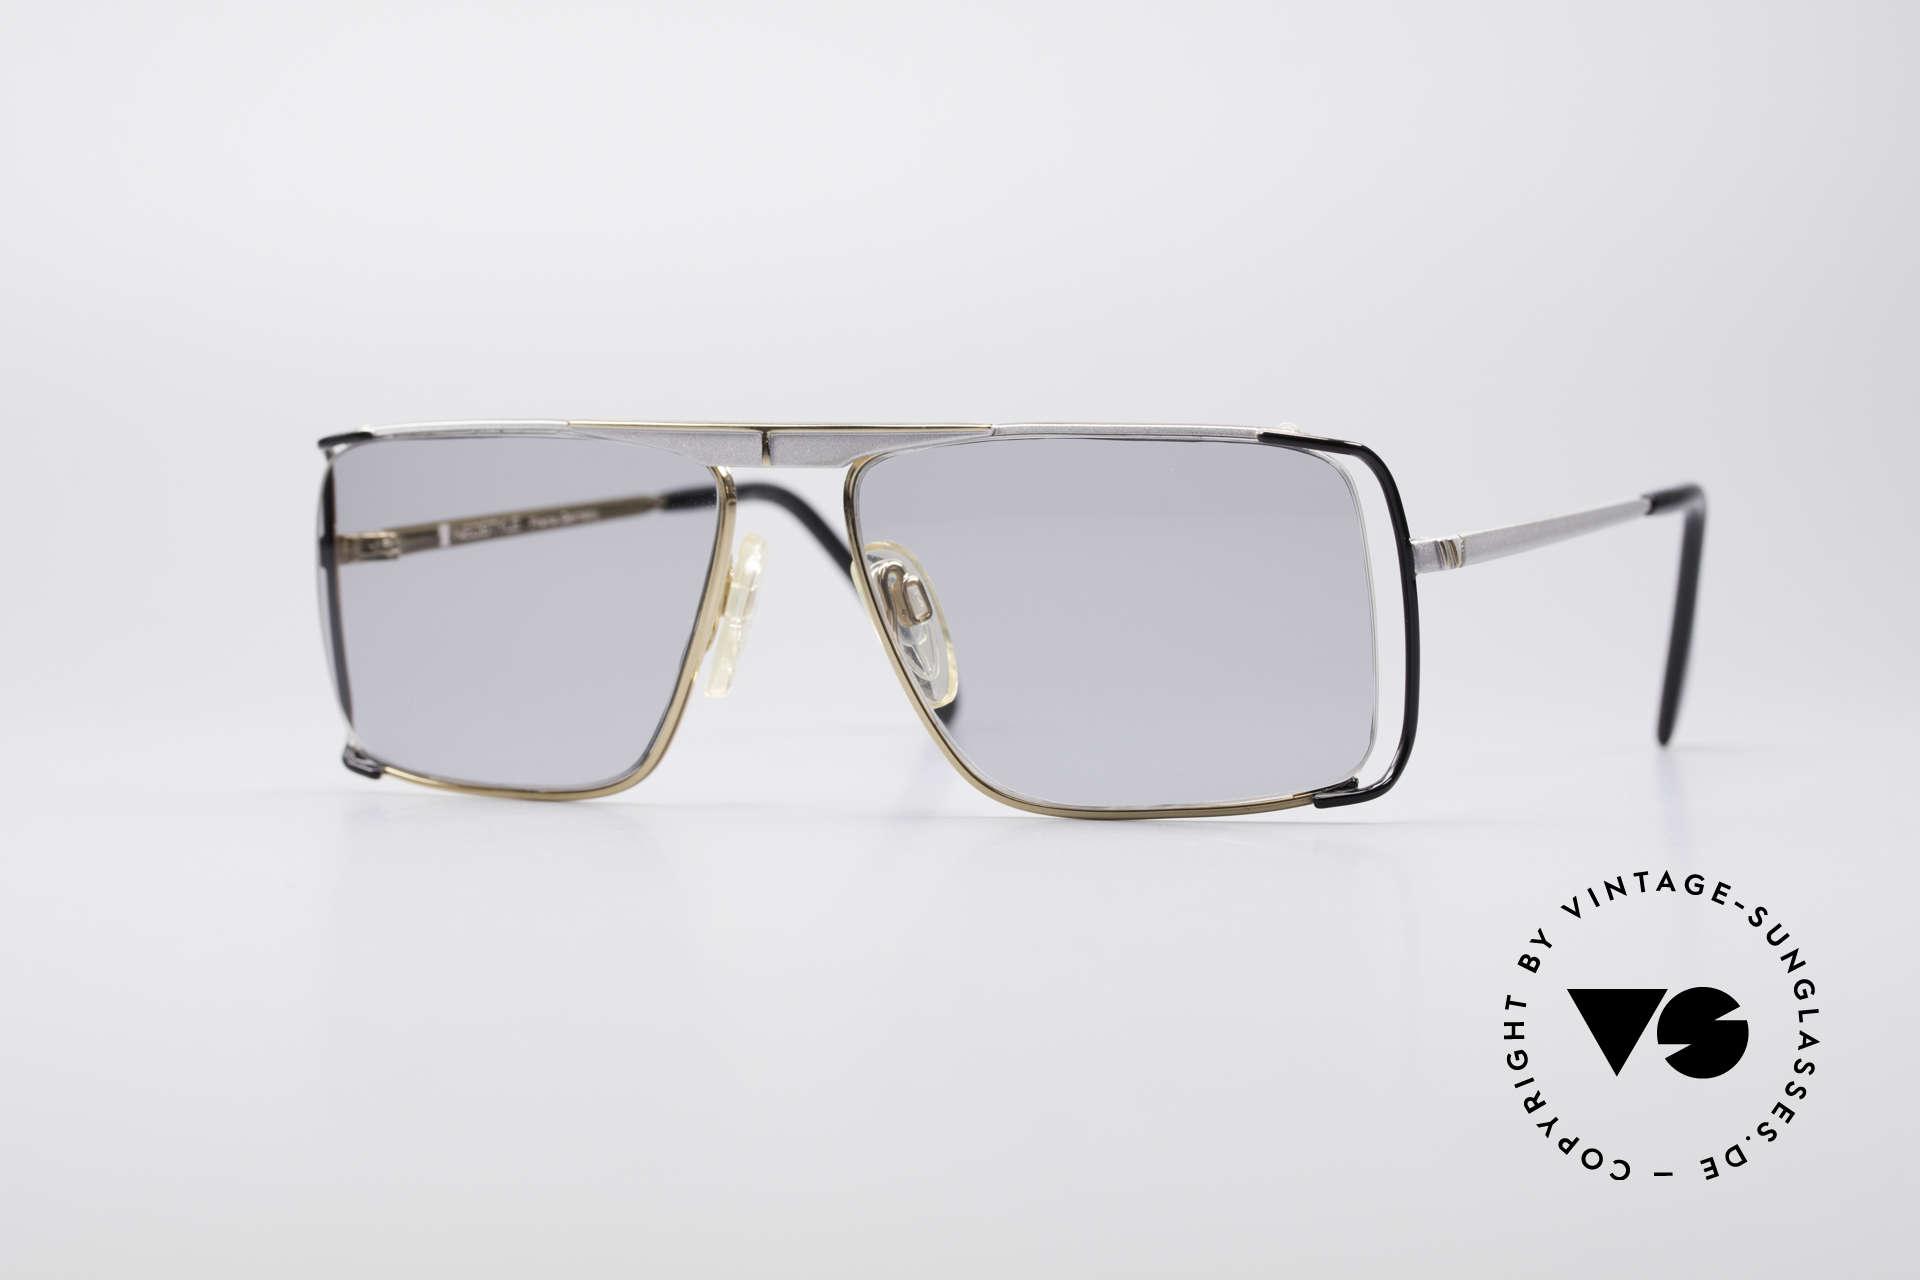 Neostyle Boutique 640 Eckige Vintage Brille, sehr markante Neostyle vintage Designer-Sonnenbrille, Passend für Herren und Damen